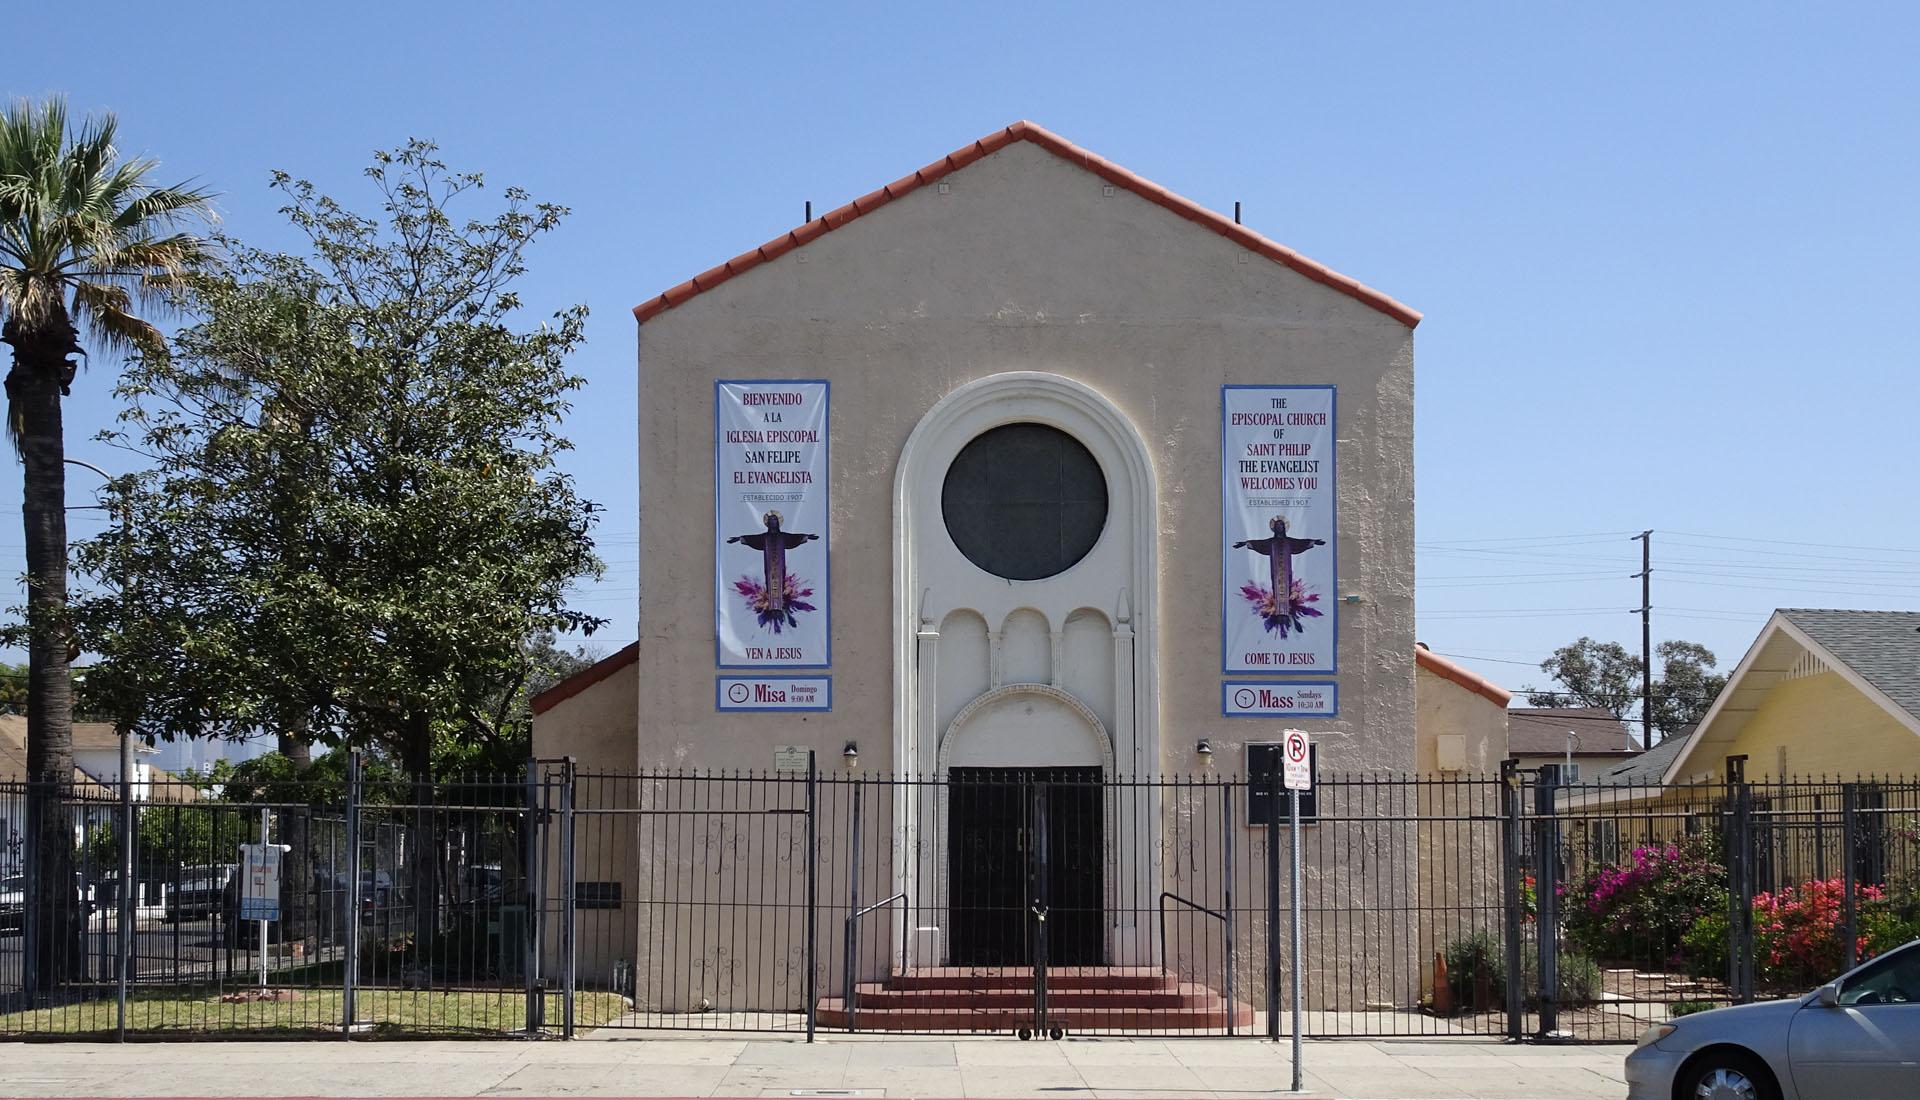 St Philip the Evangelist Church